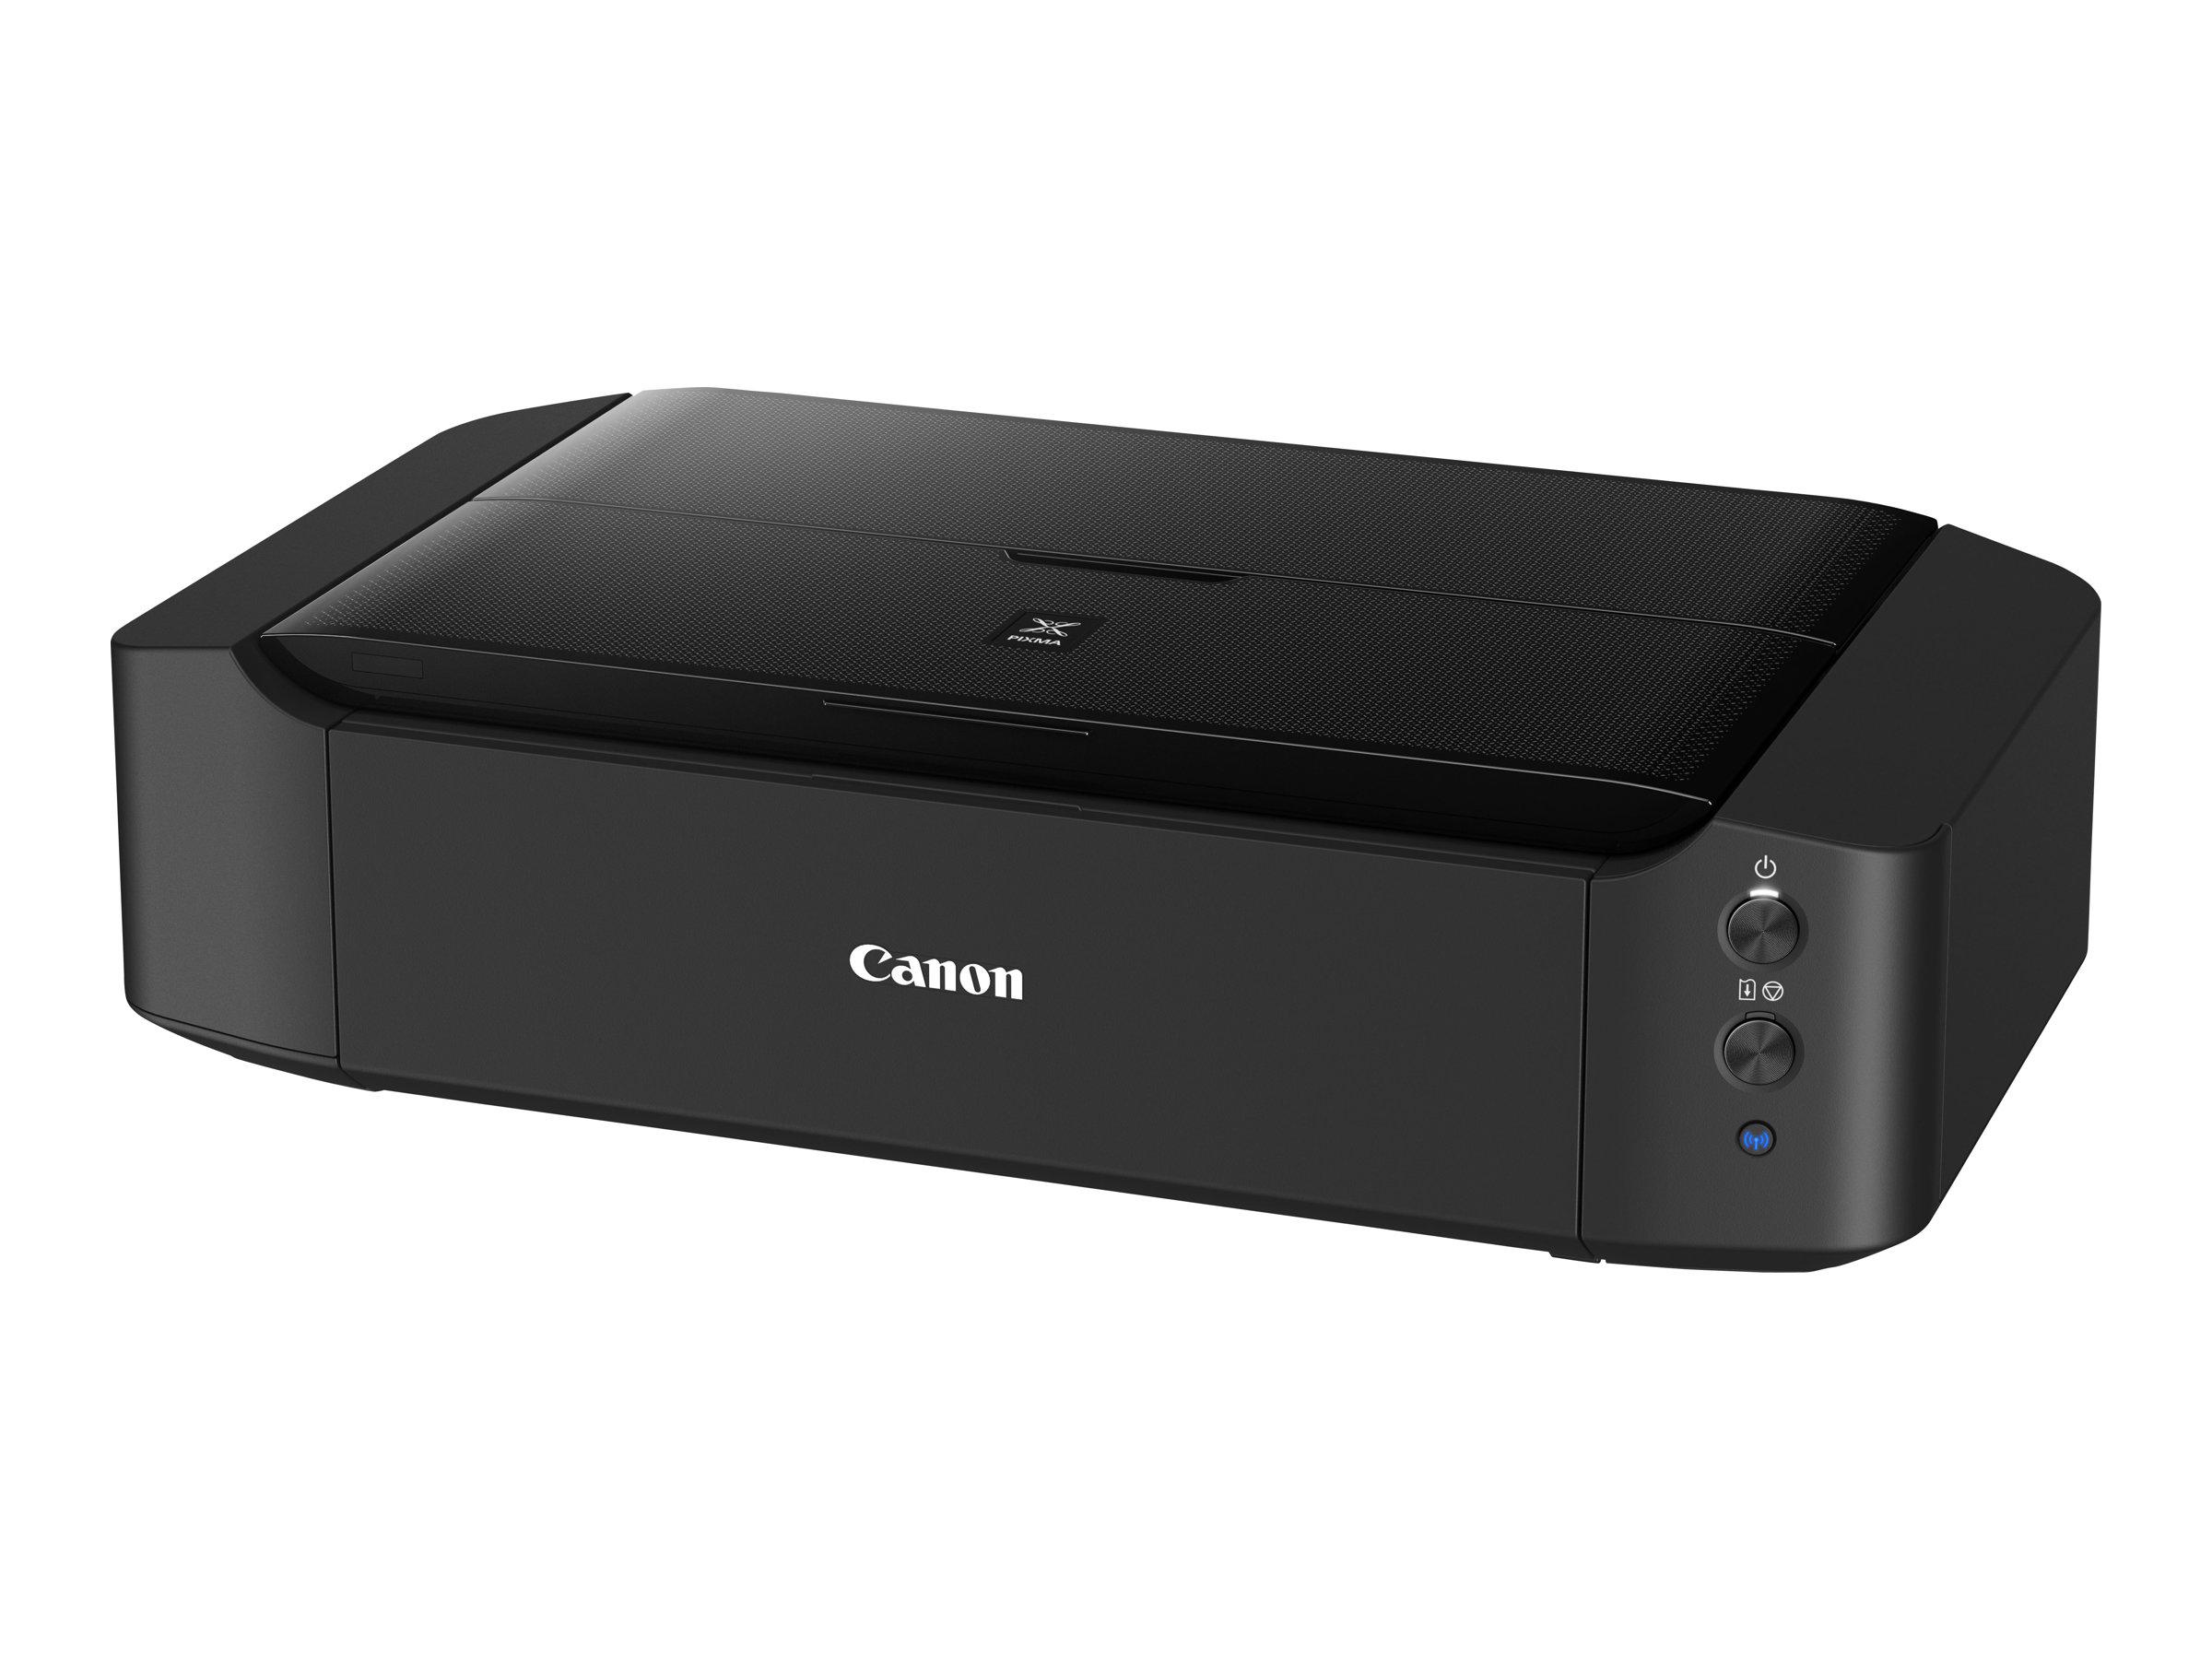 Vorschau: Canon PIXMA iP8750 - Drucker - Farbe - Tintenstrahl - Ledger, A3 Plus - bis zu 14.5 ipm (einfarbig)/